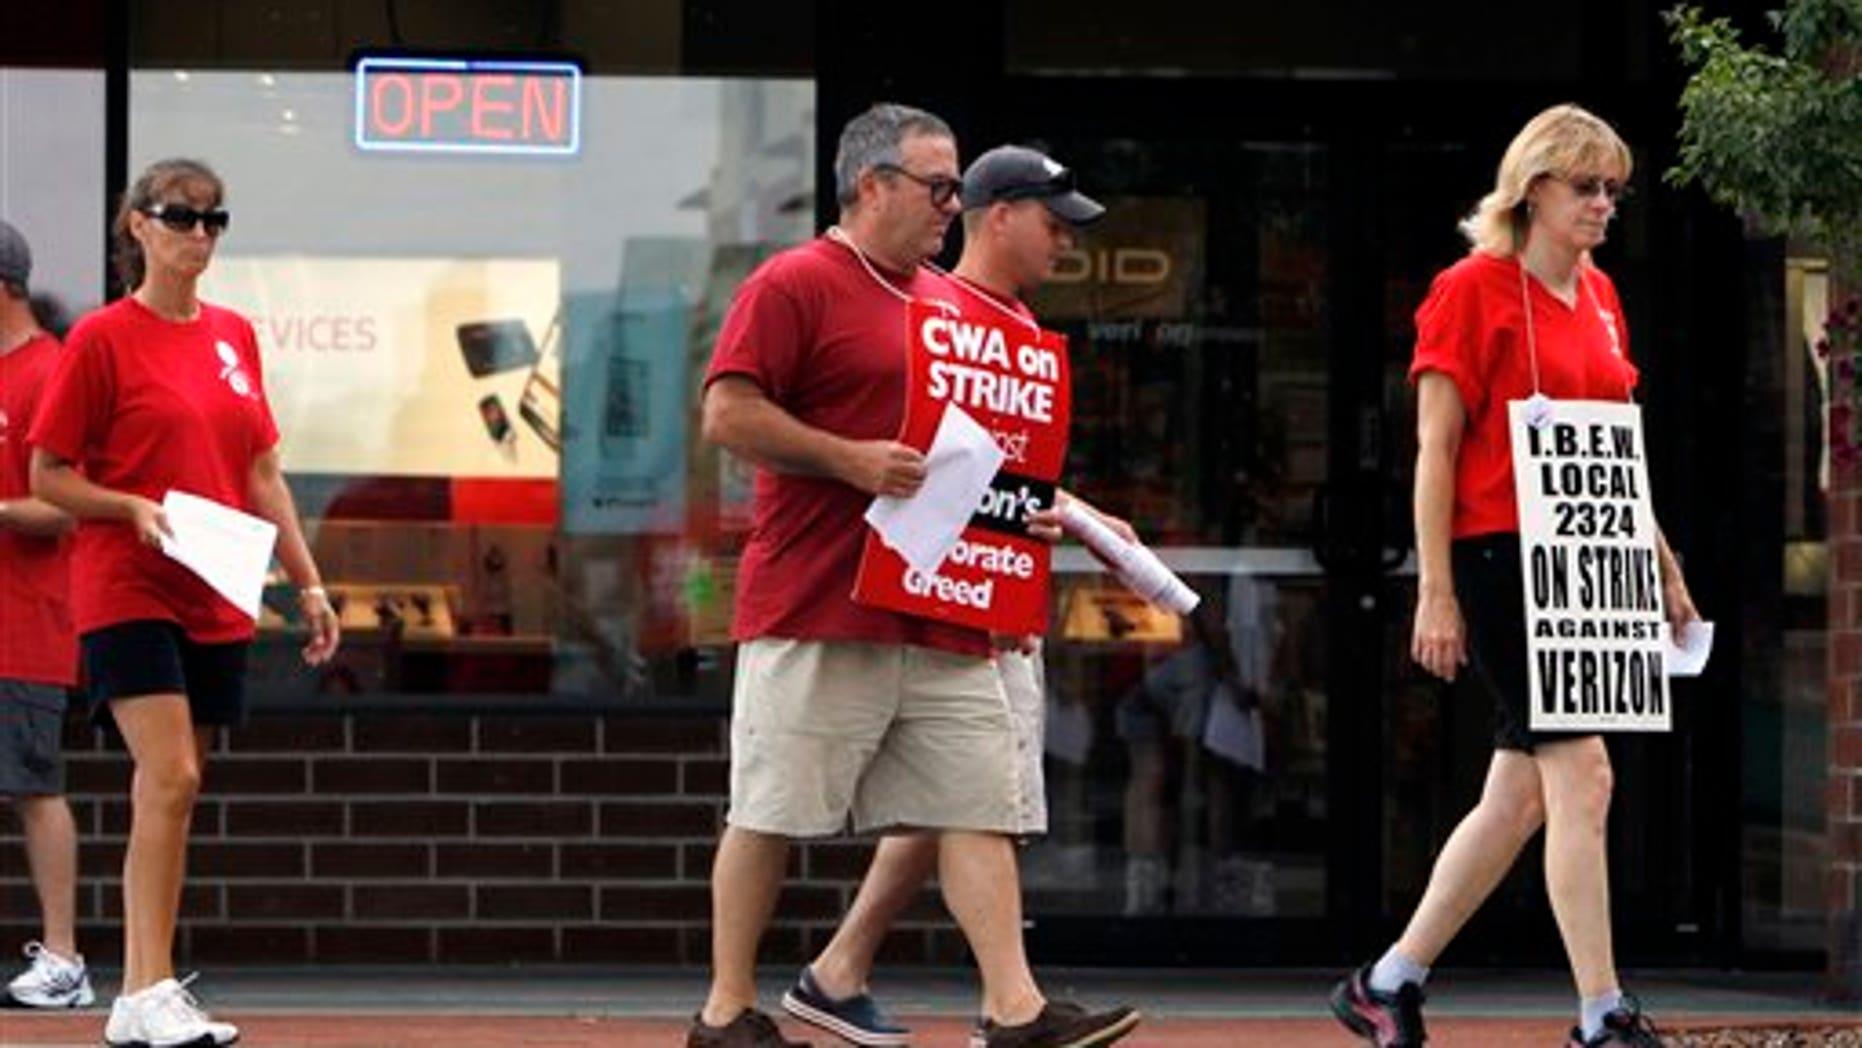 August 8: Striking Verizon workers picket in front of a Verizon Wireless store in Colonie, N.Y.